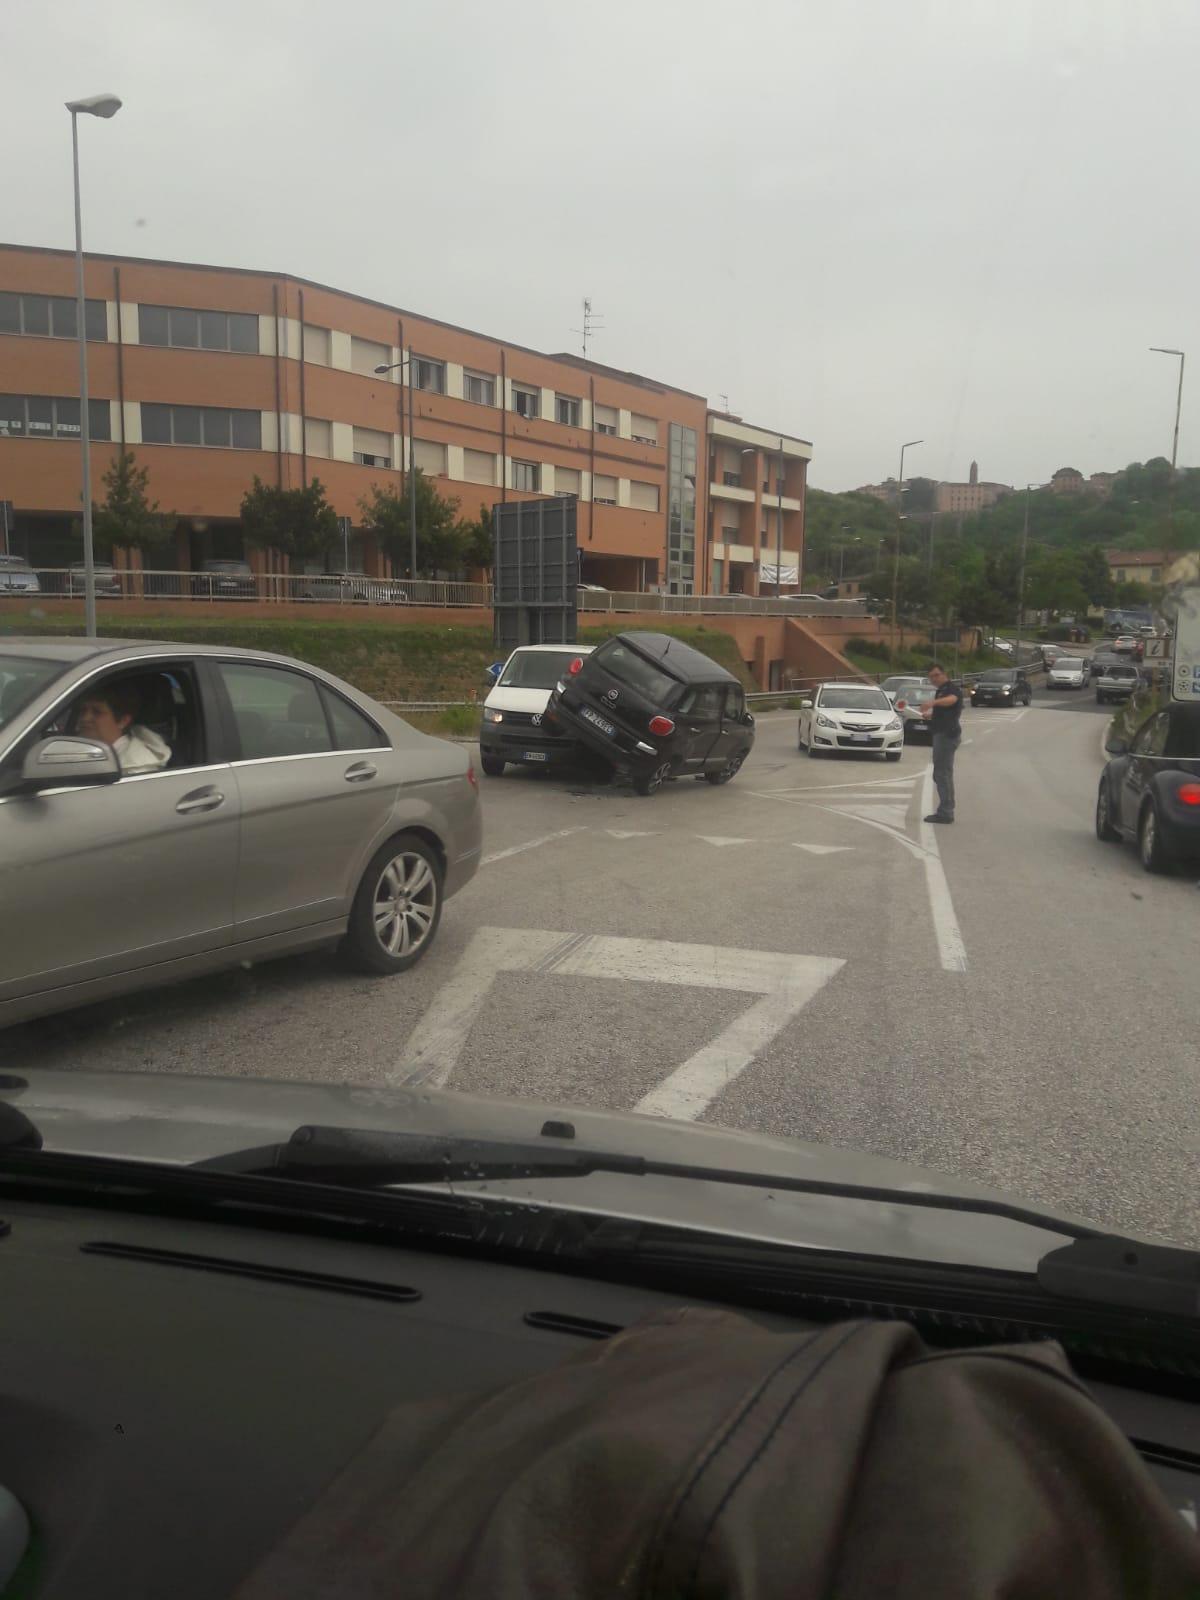 Spettacolare incidente a Colonna San Marco, traffico bloccato